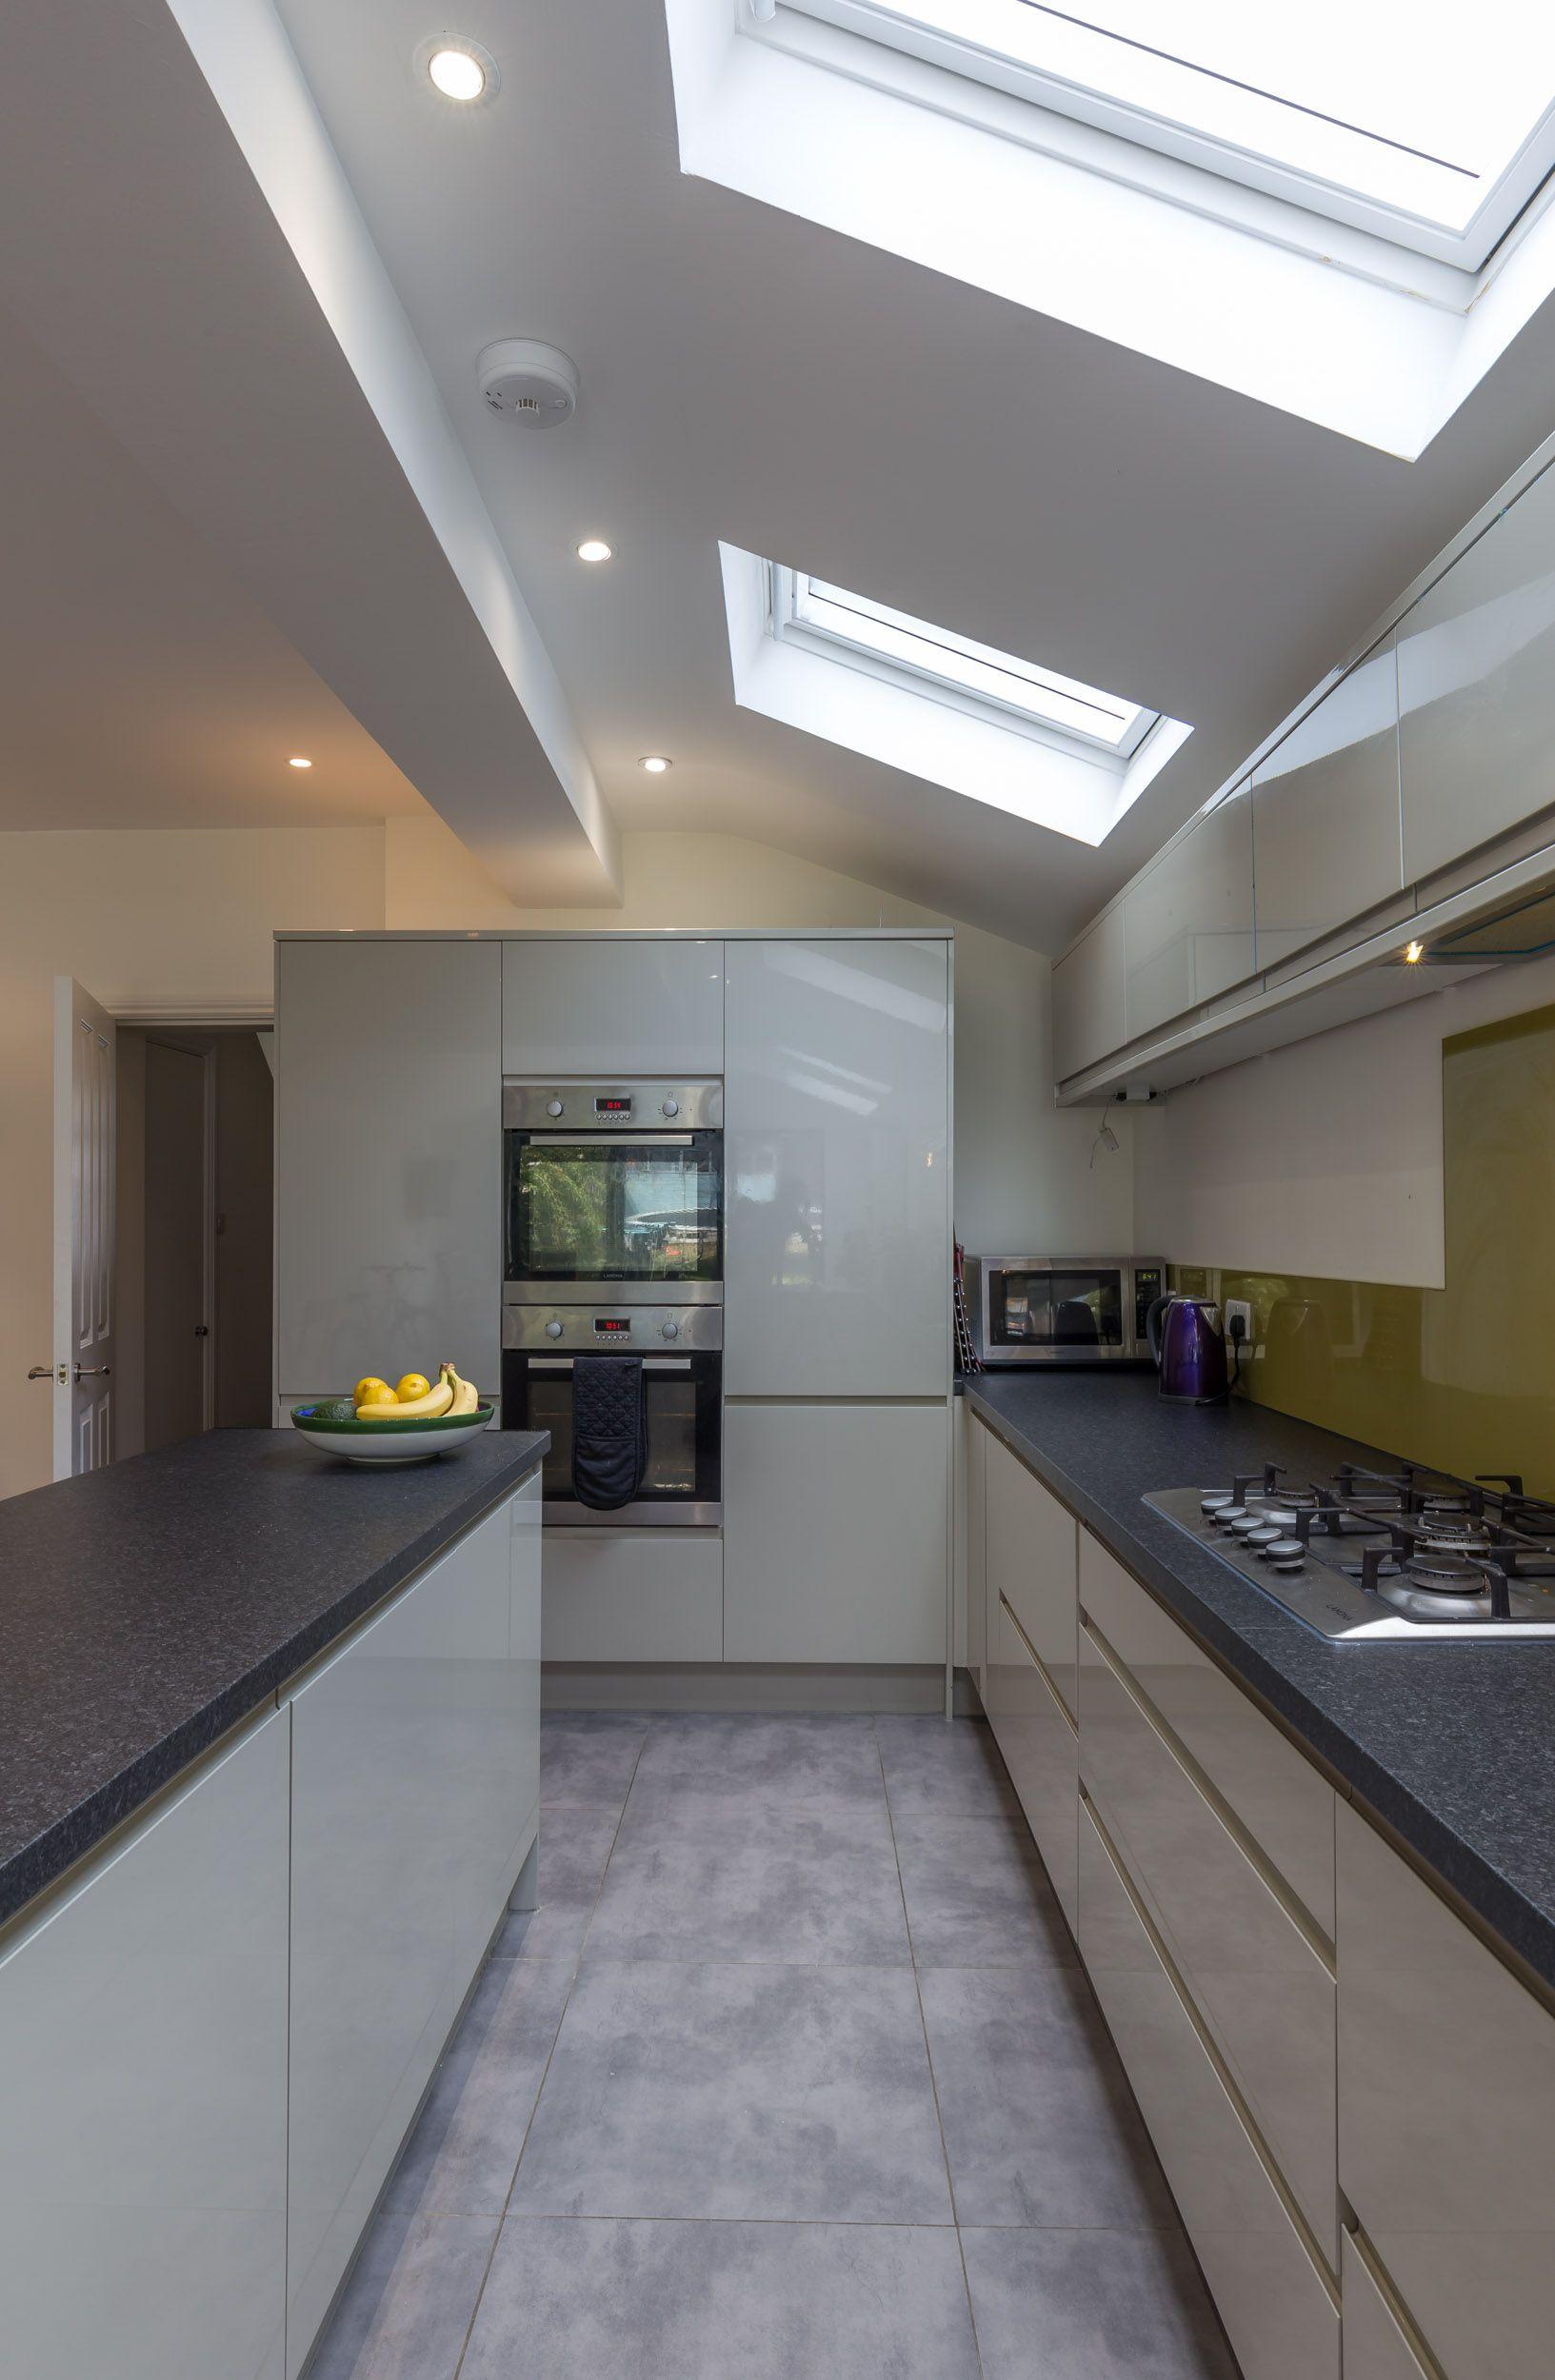 L-förmige modulare küche designs besten moderne küche erweiterung  erstens sprechen wir über die l